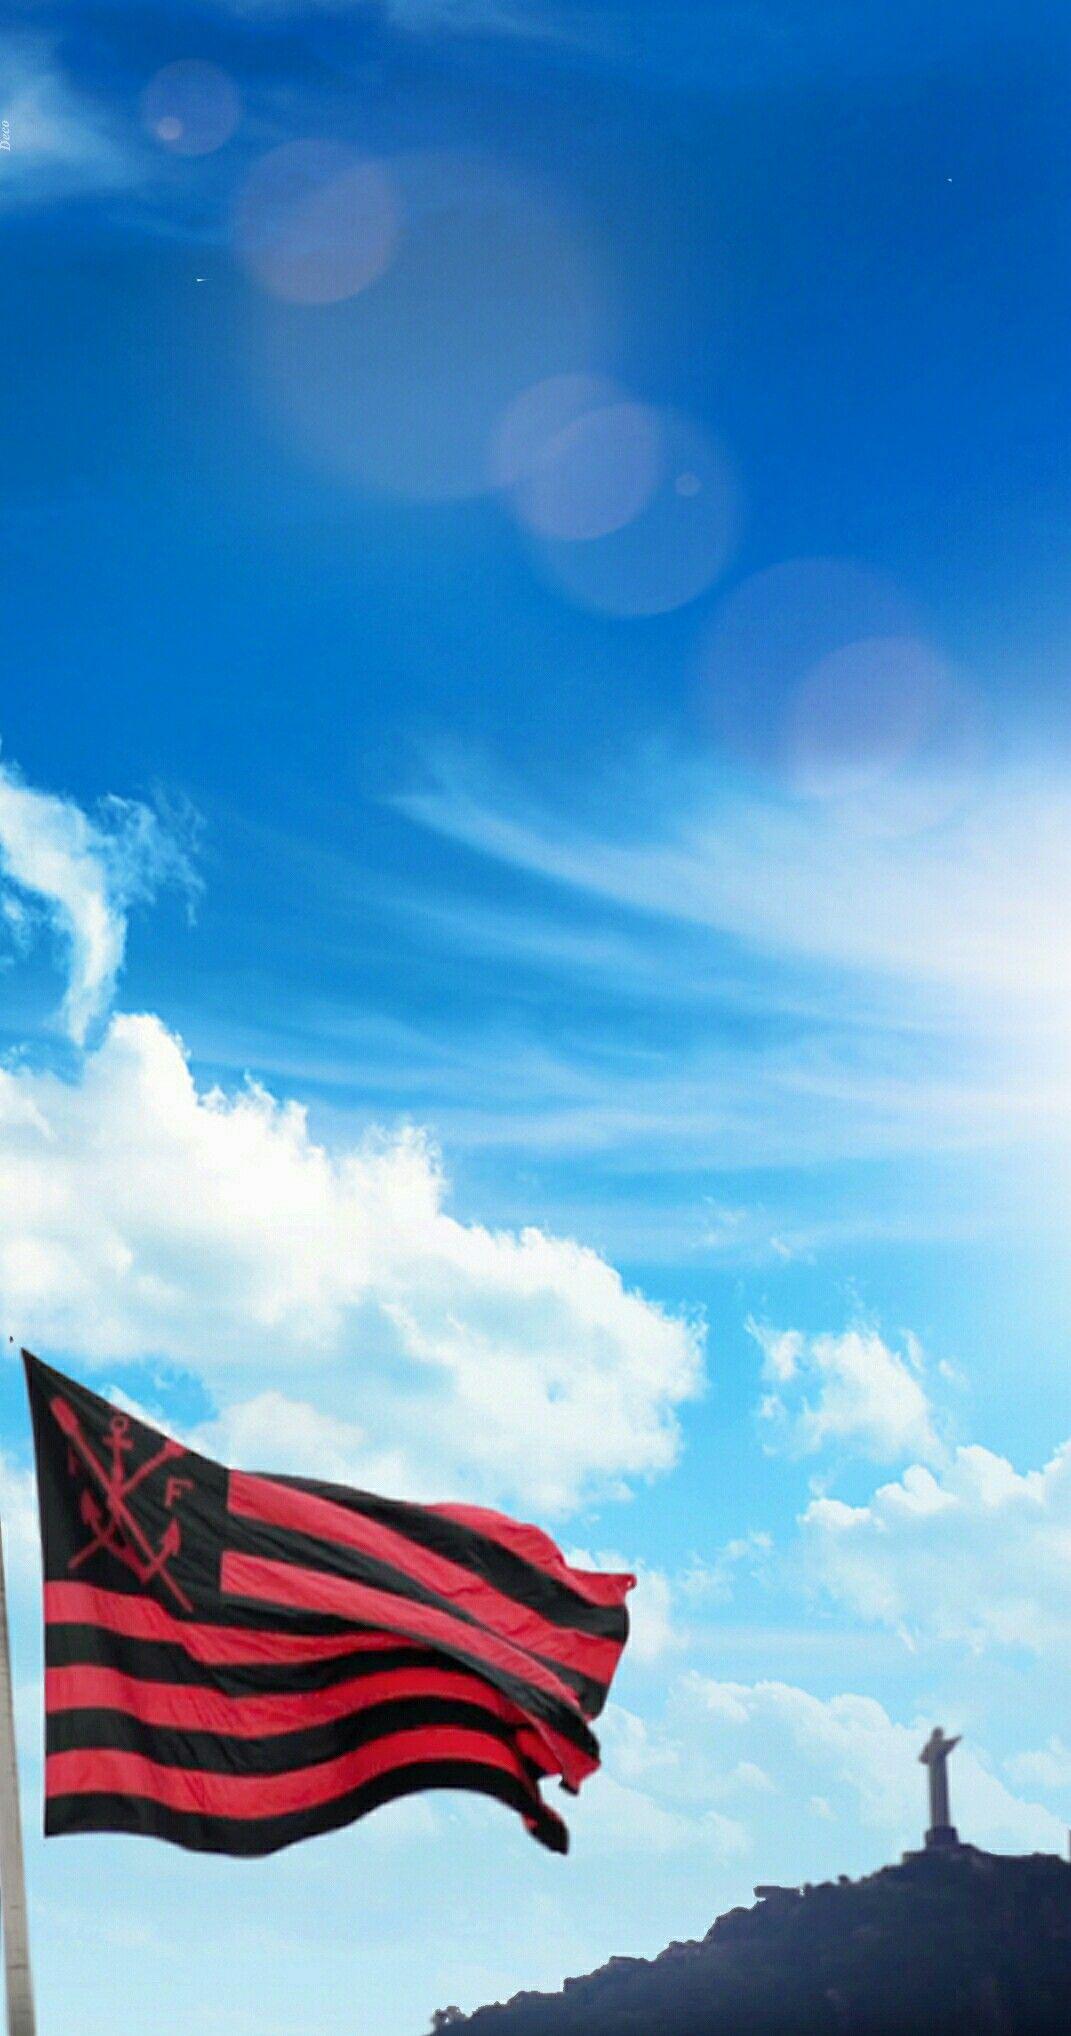 Aquele Abraco Flamengo Wallpaper Crf Flamengo E Fotos De